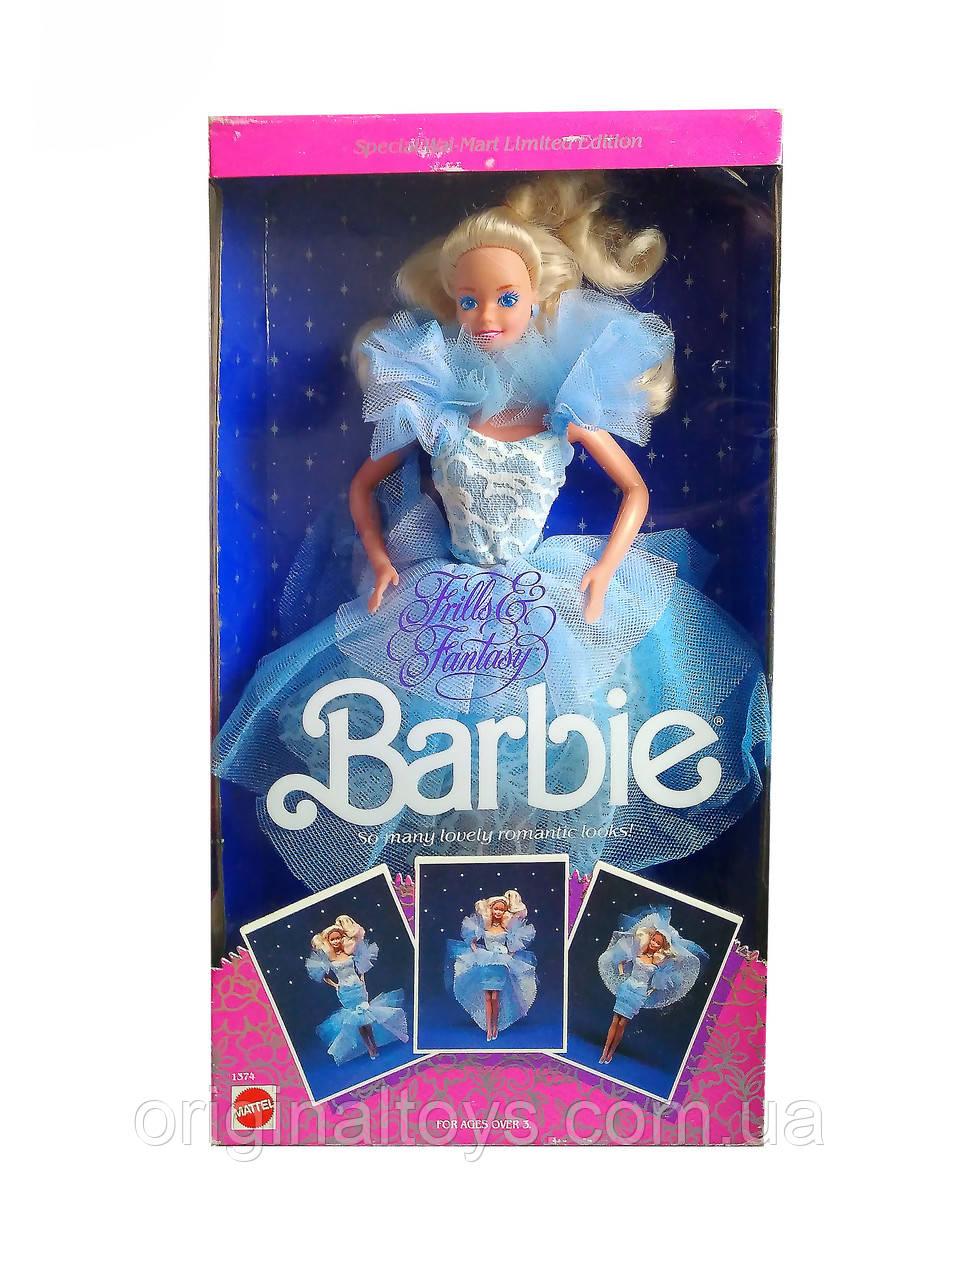 Колекційна лялька Барбі Barbie Frills & Fantasy 1988 Mattel 1374